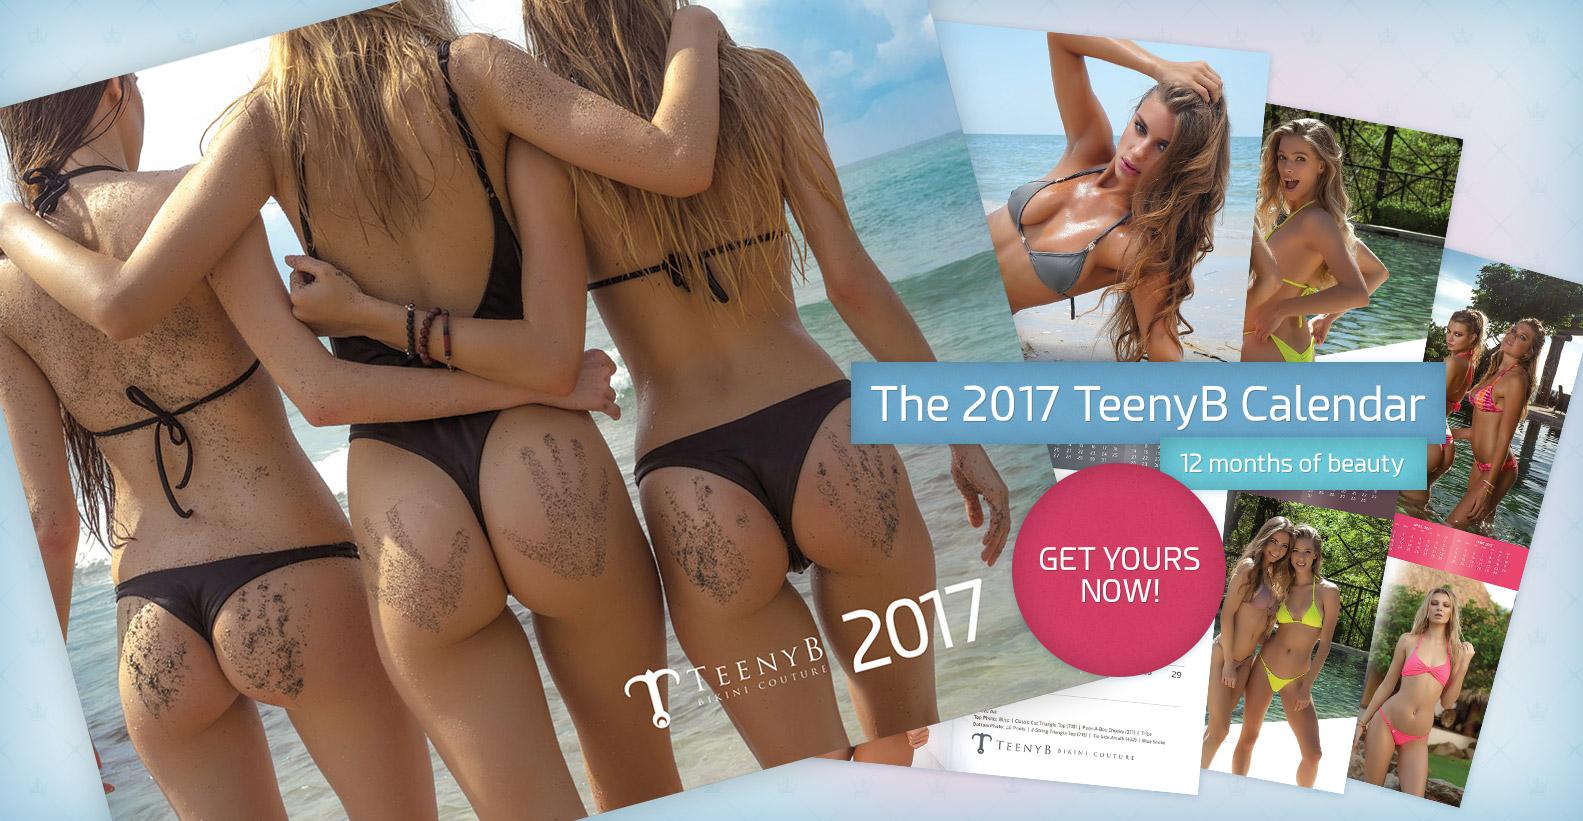 Sorry, that bikini thong calendar suggest